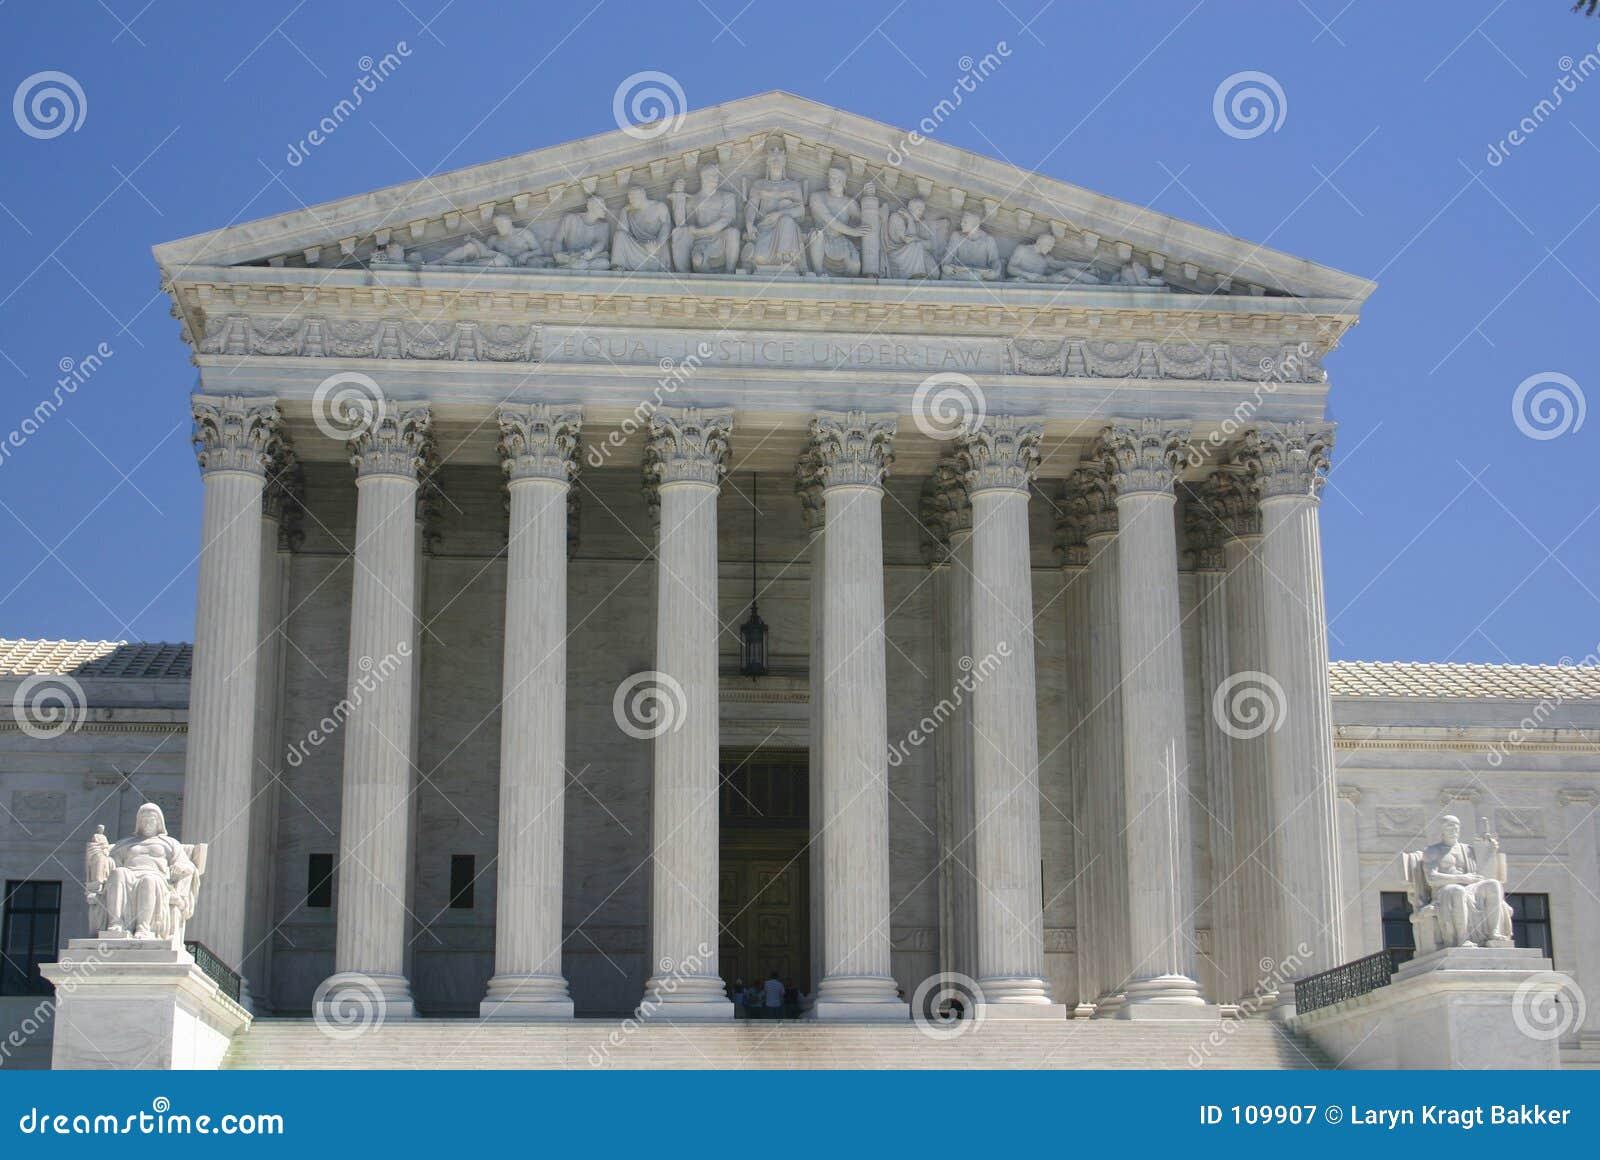 Sąd najwyższy,